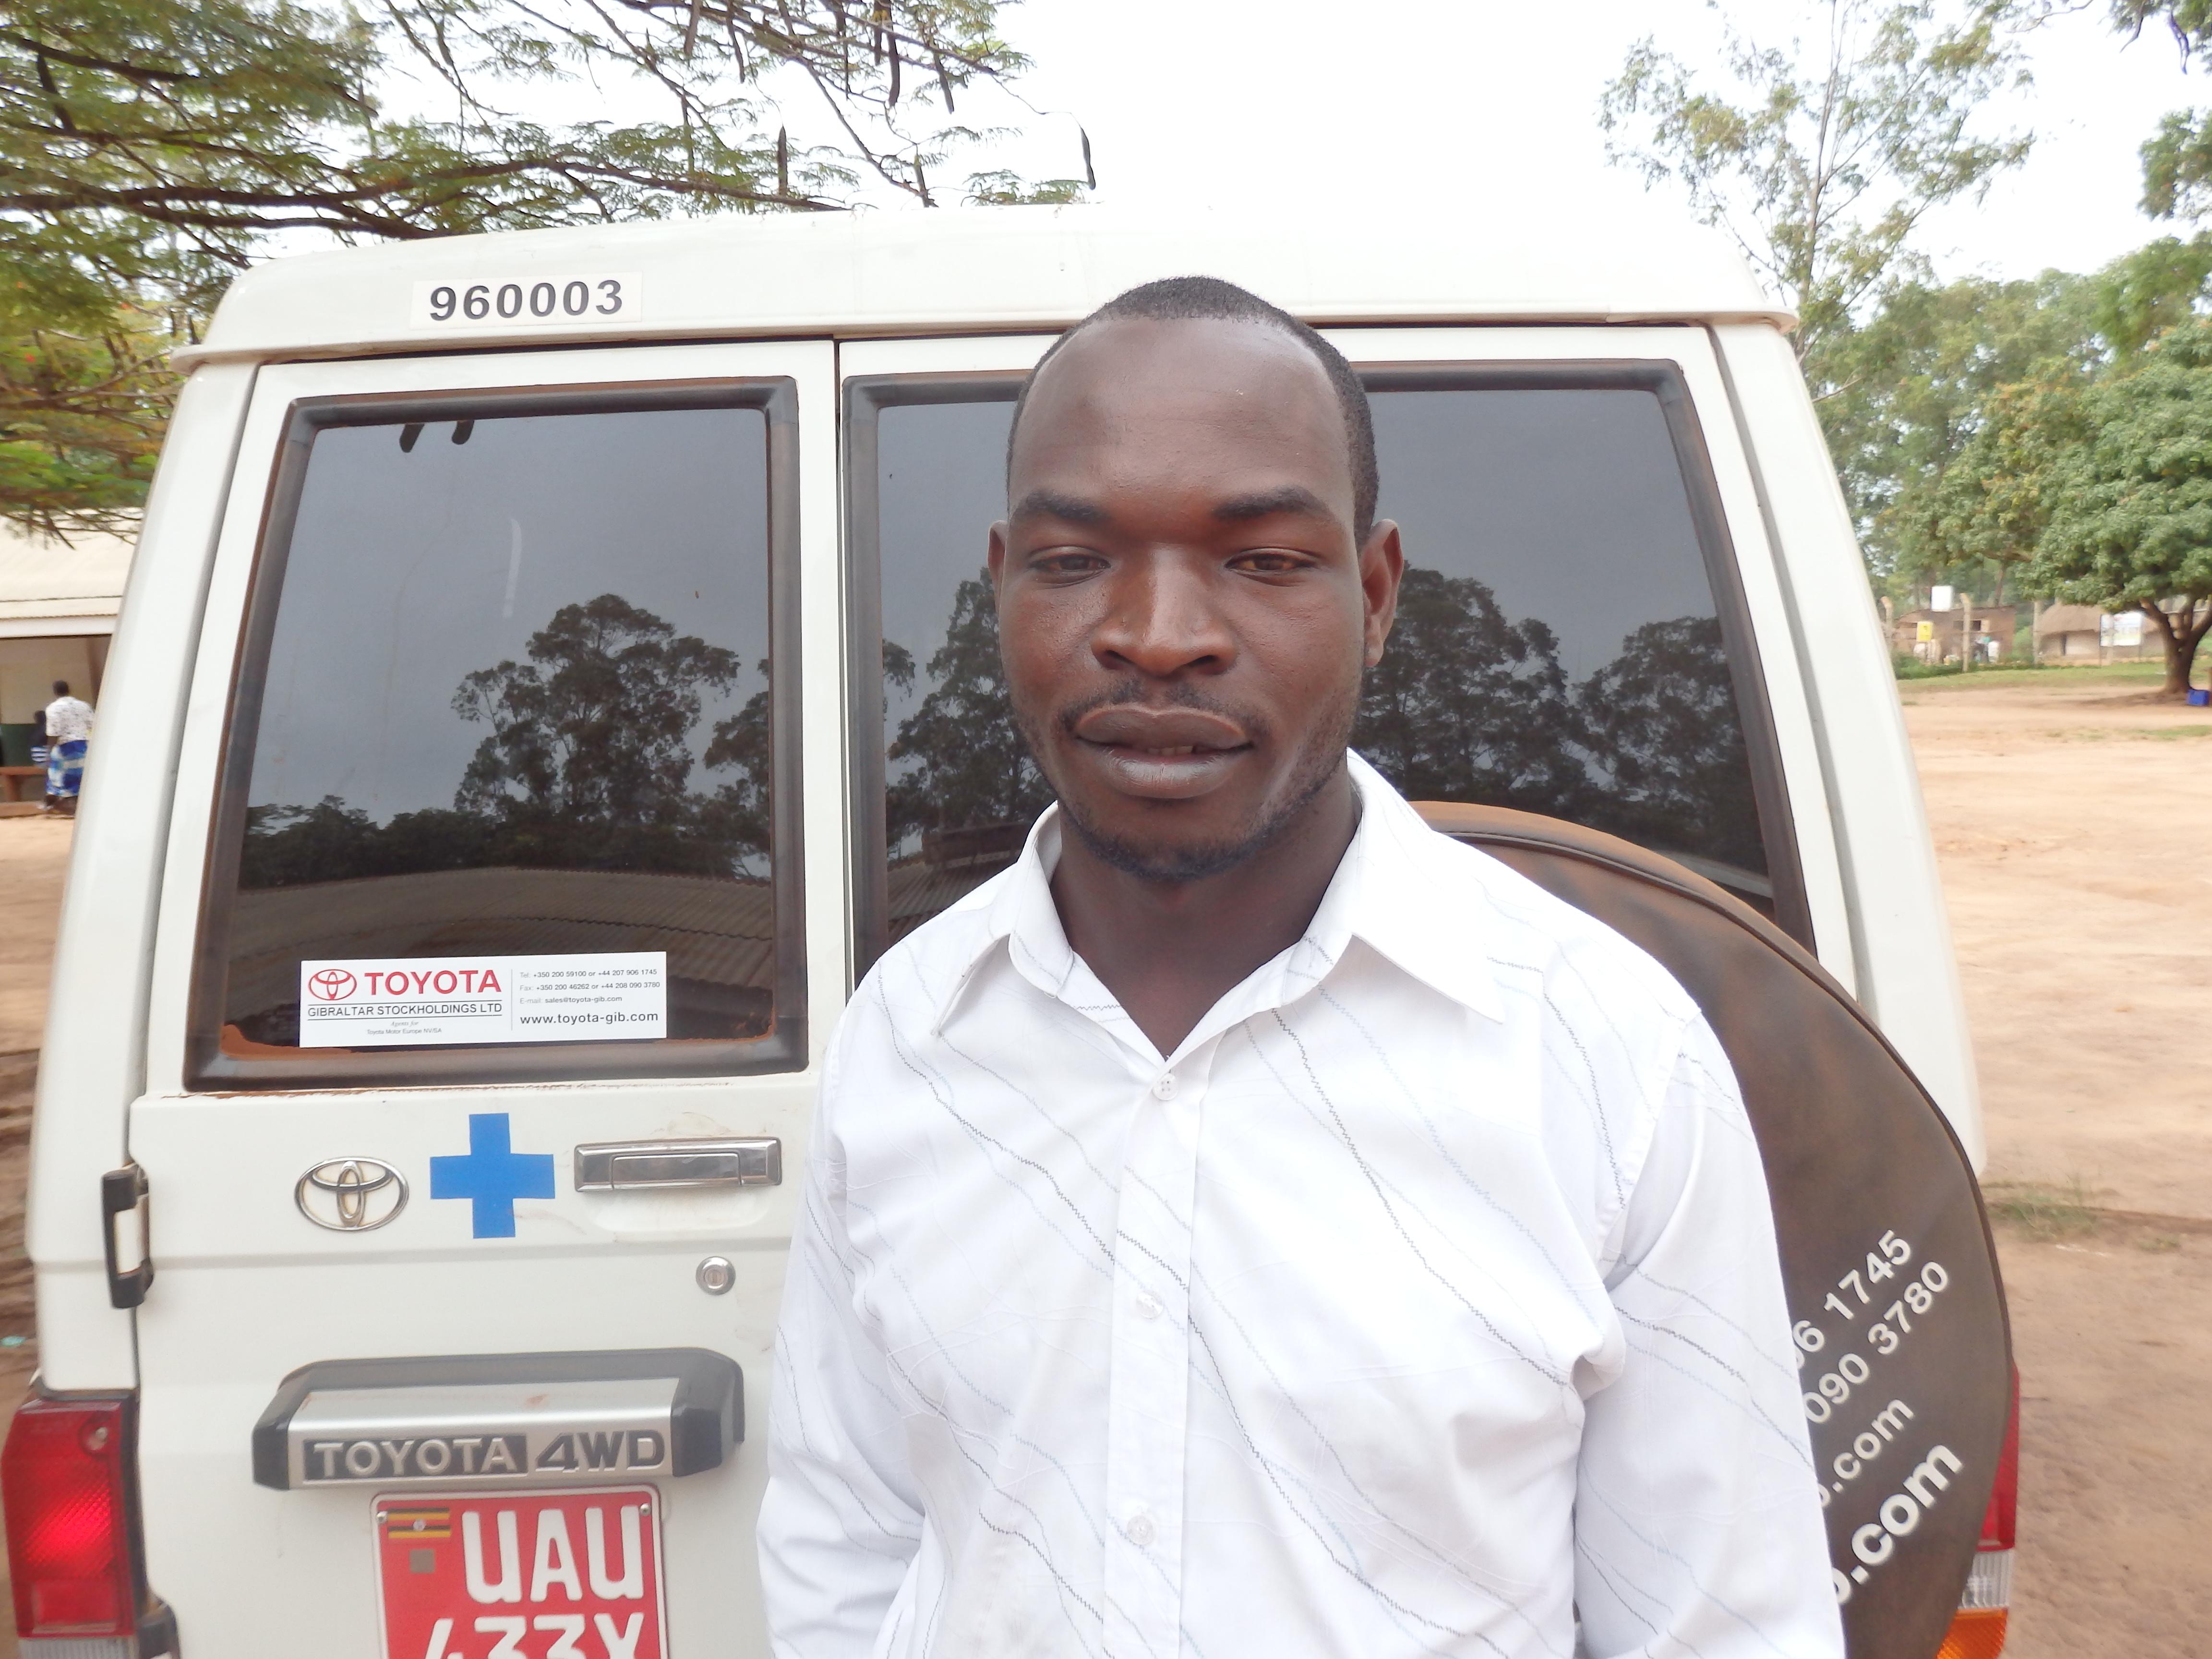 Roberto Ogenmungu